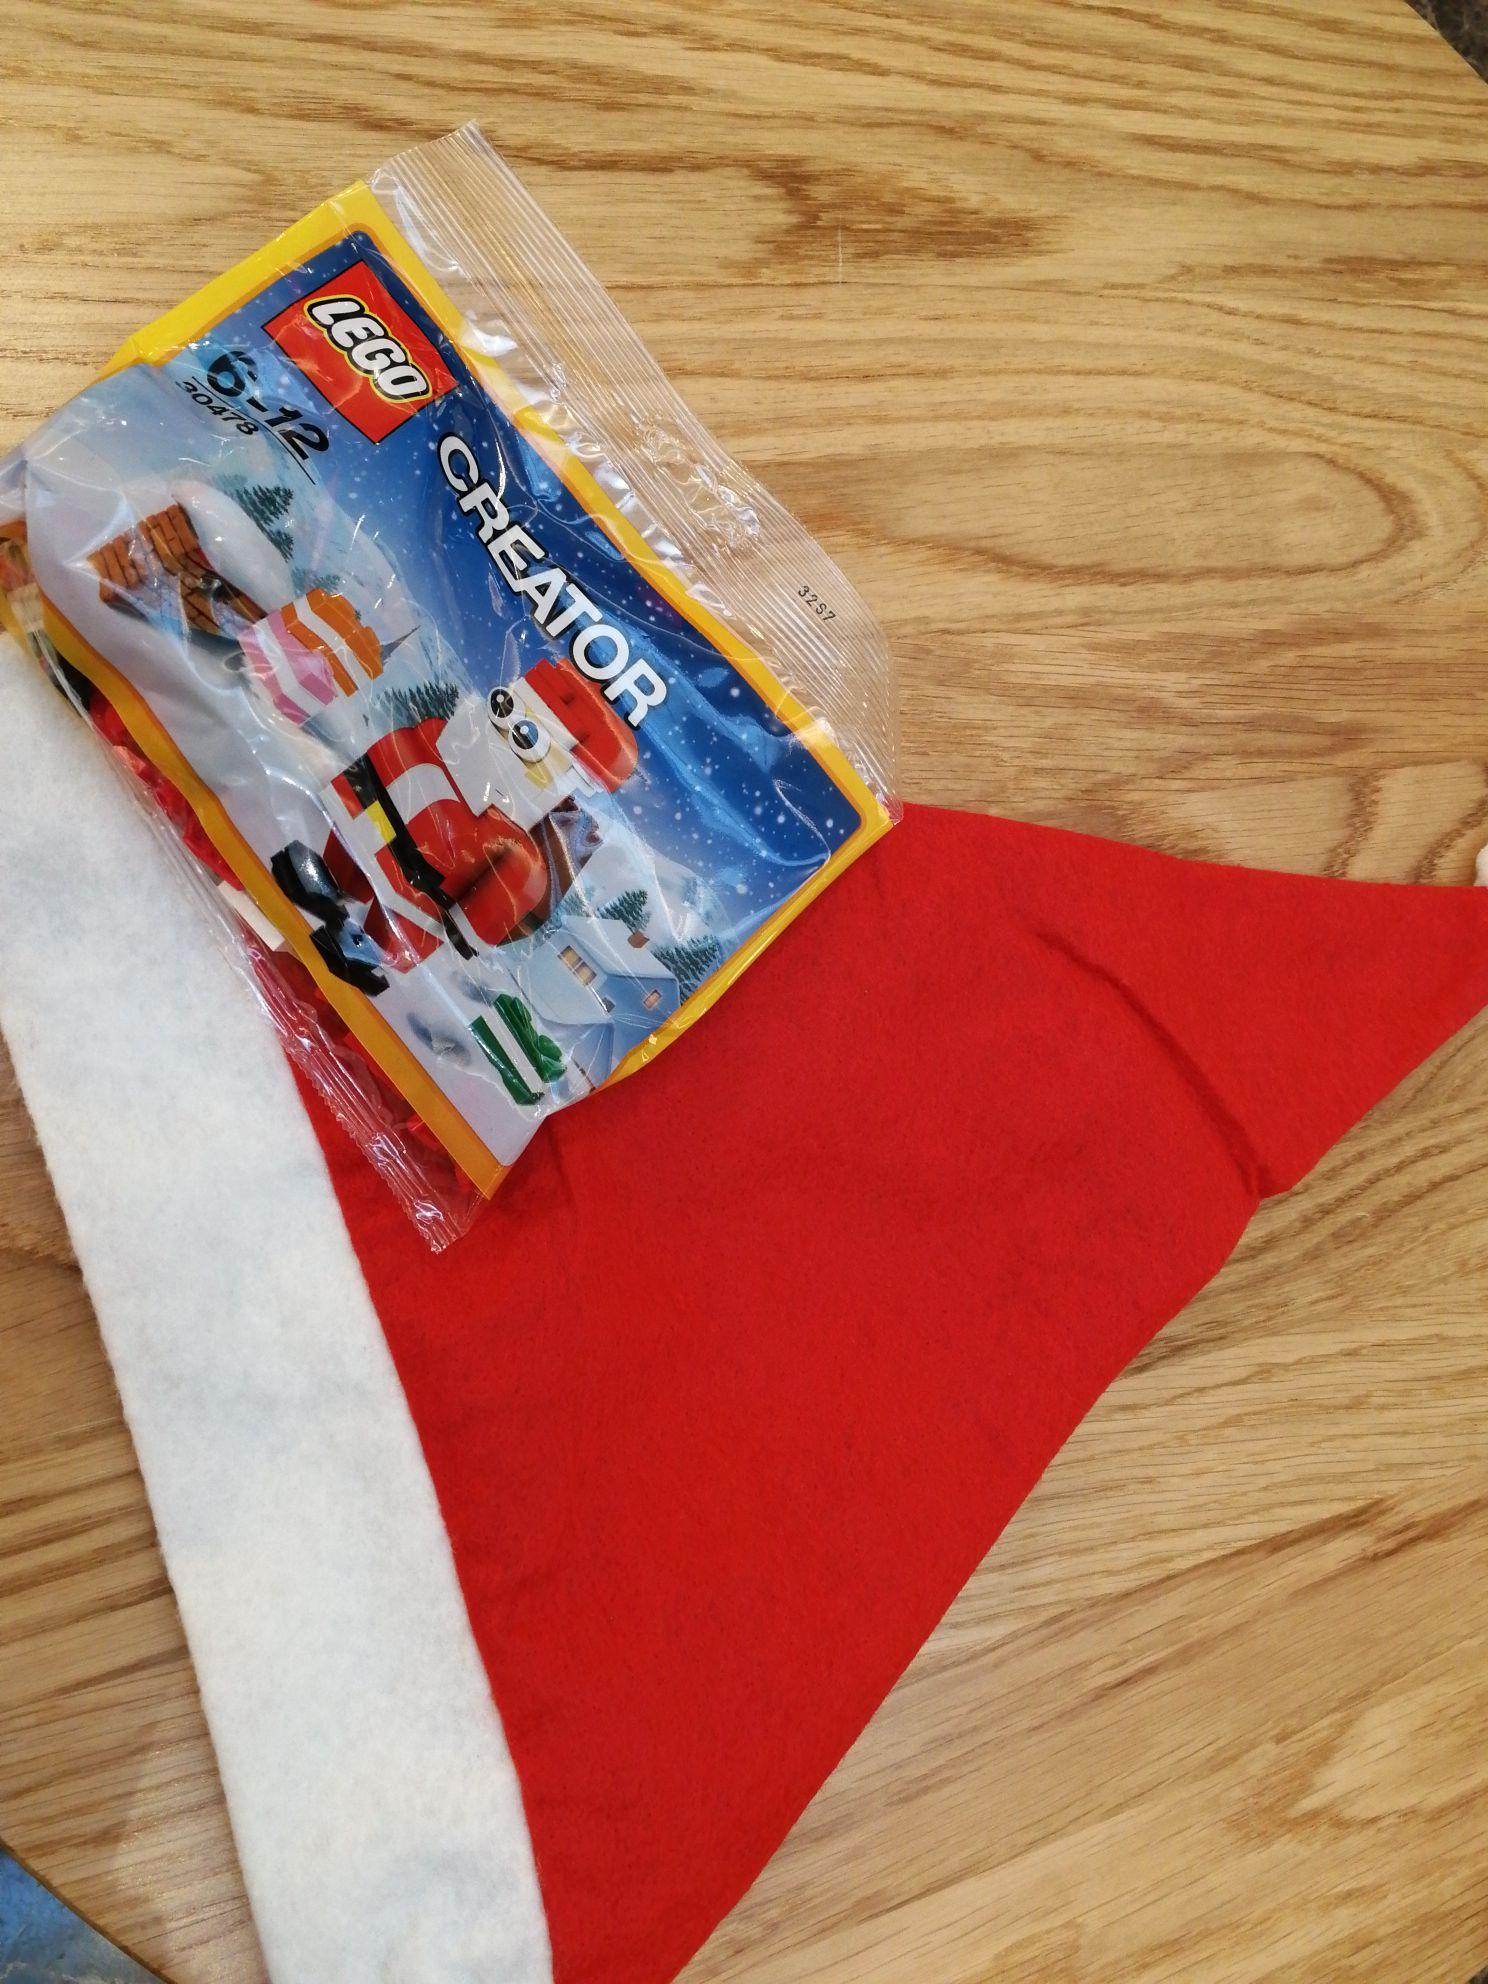 Bonnet du père Noël et un jouet Lego Creator offerts - Stand Lego Carré Sénart (77)